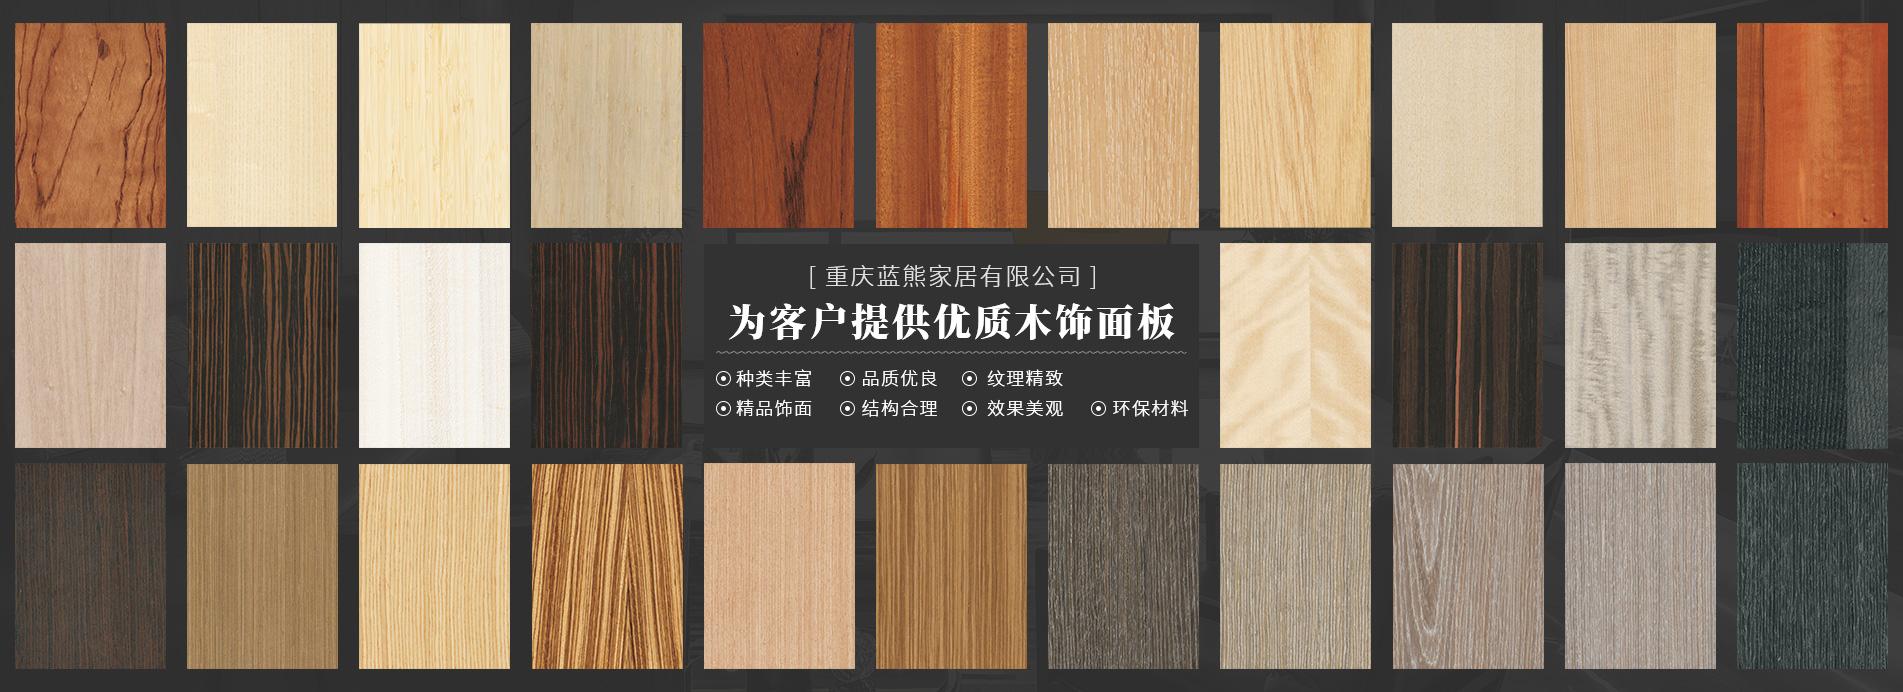 重庆木饰面墙板